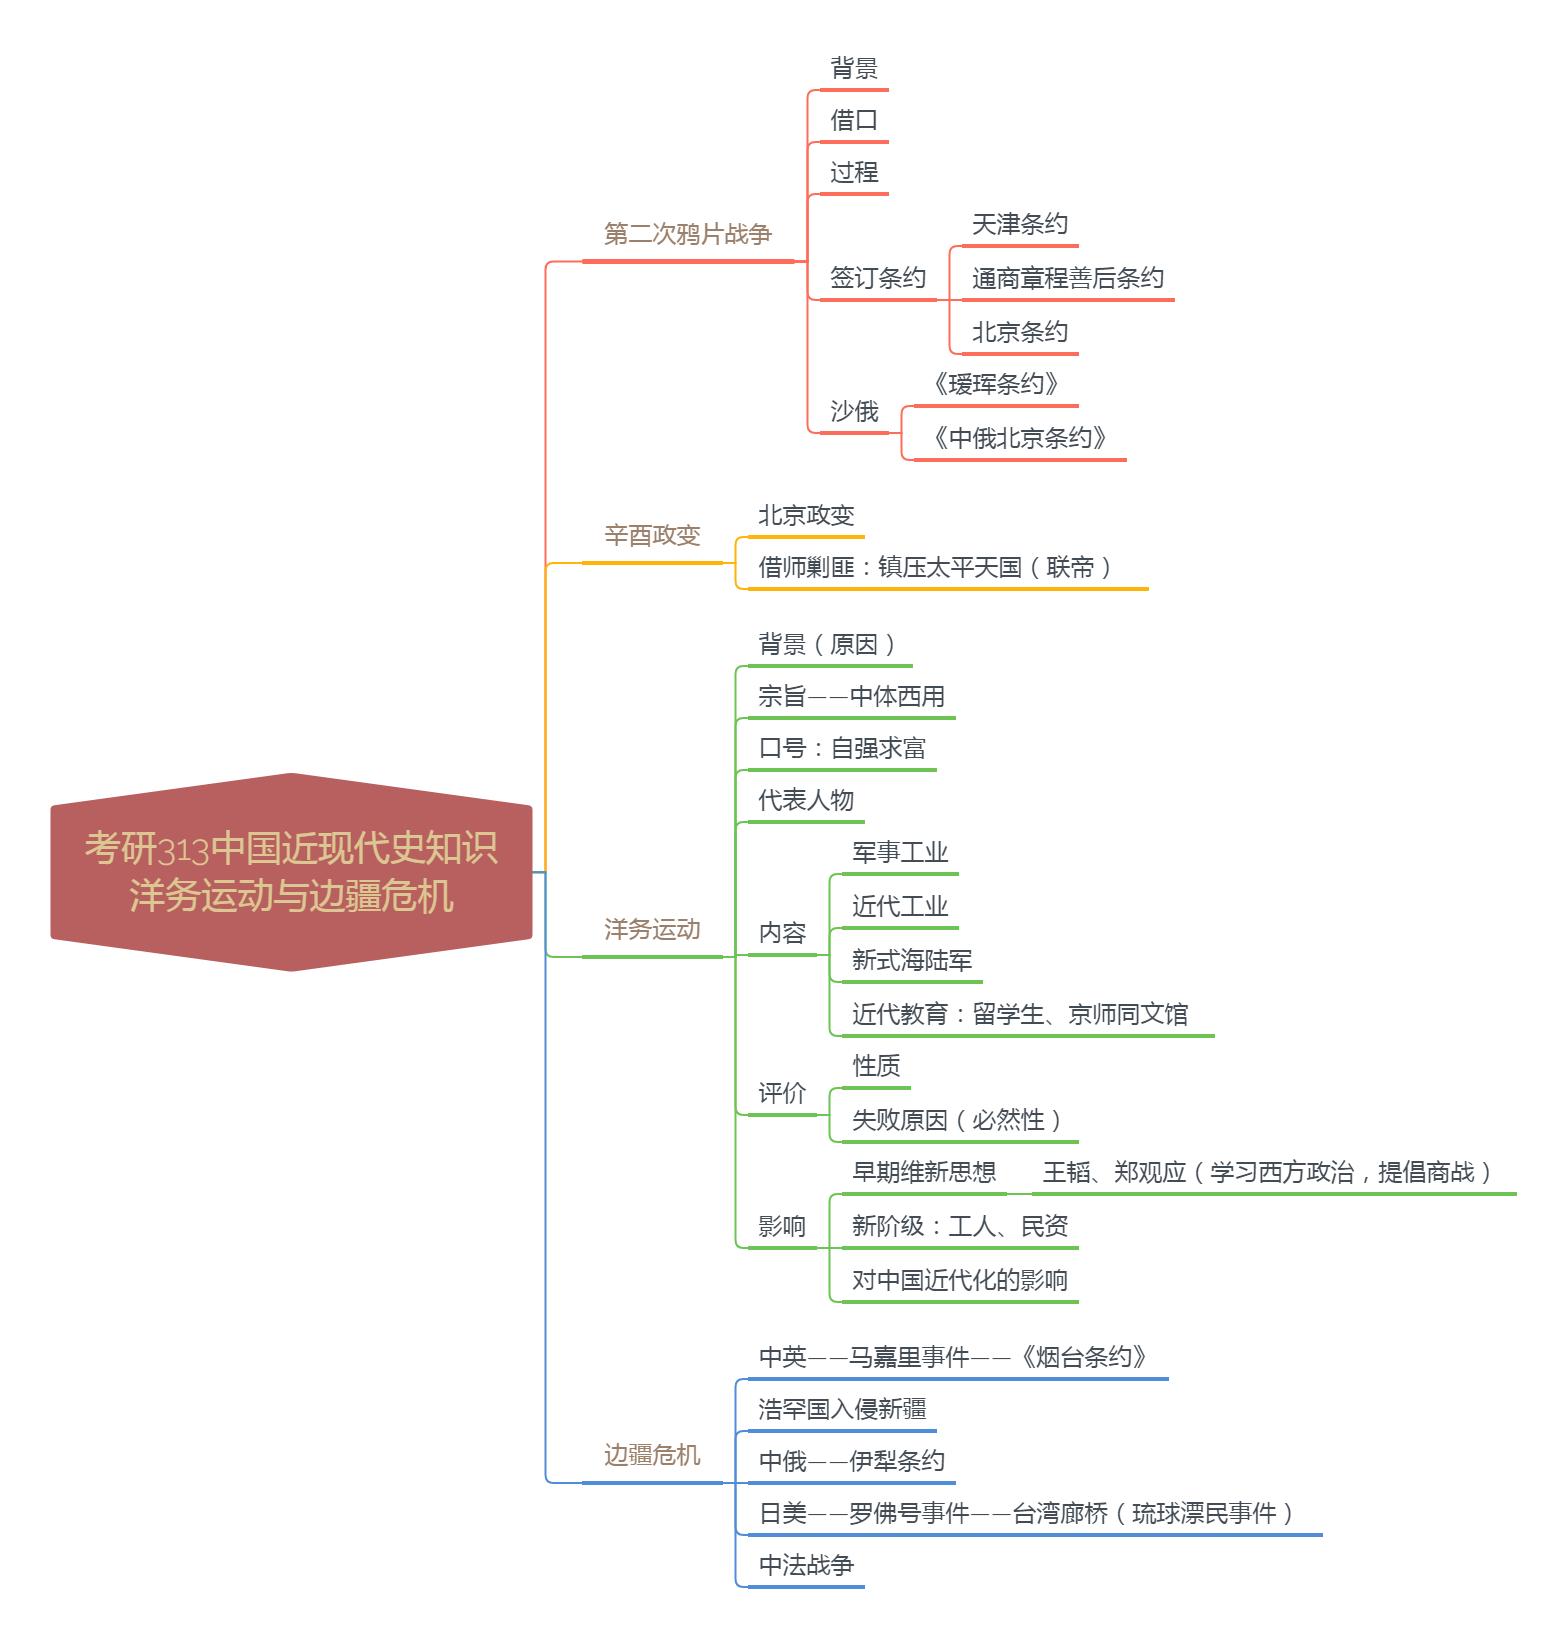 2022考研313中国近现代史知识:洋务运动与边疆危机